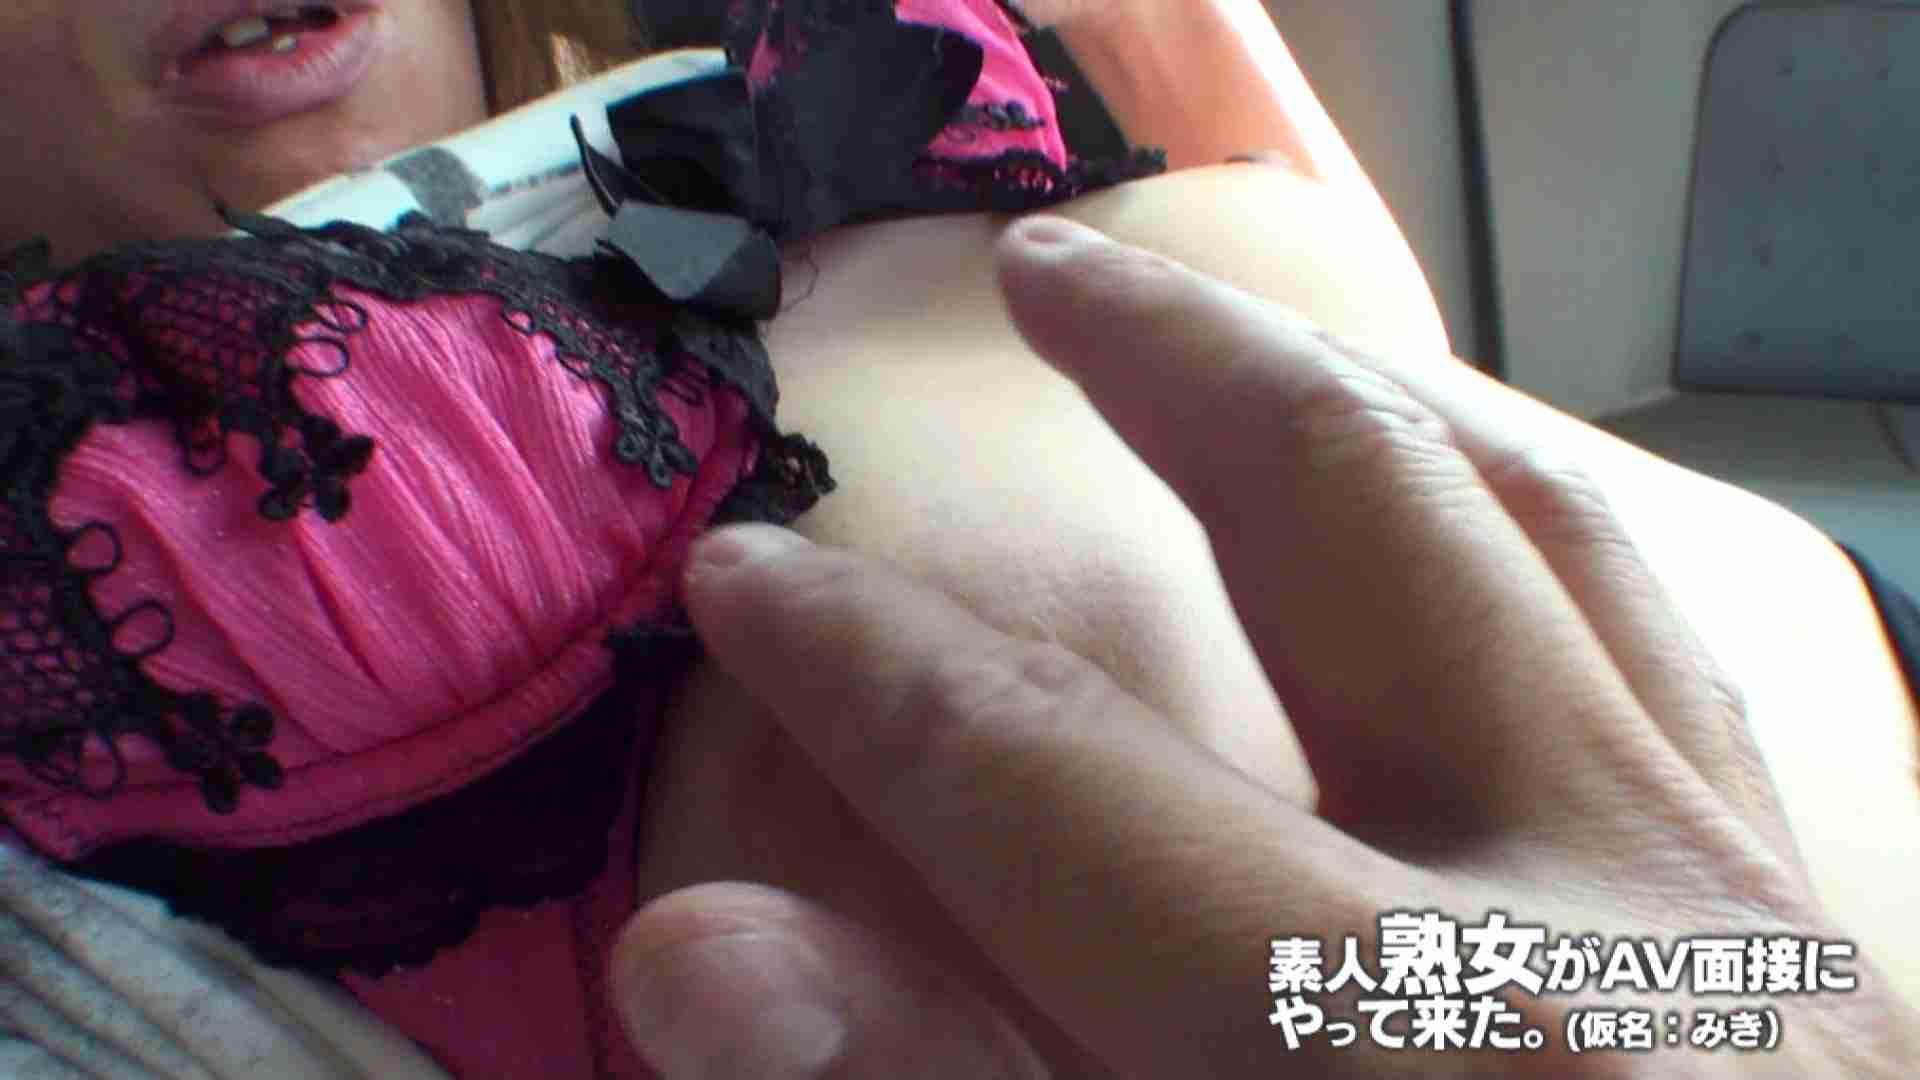 素人熟女がAV面接にやってきた (熟女)みきさんVOL.02 車 | 熟女の裸体  84画像 50